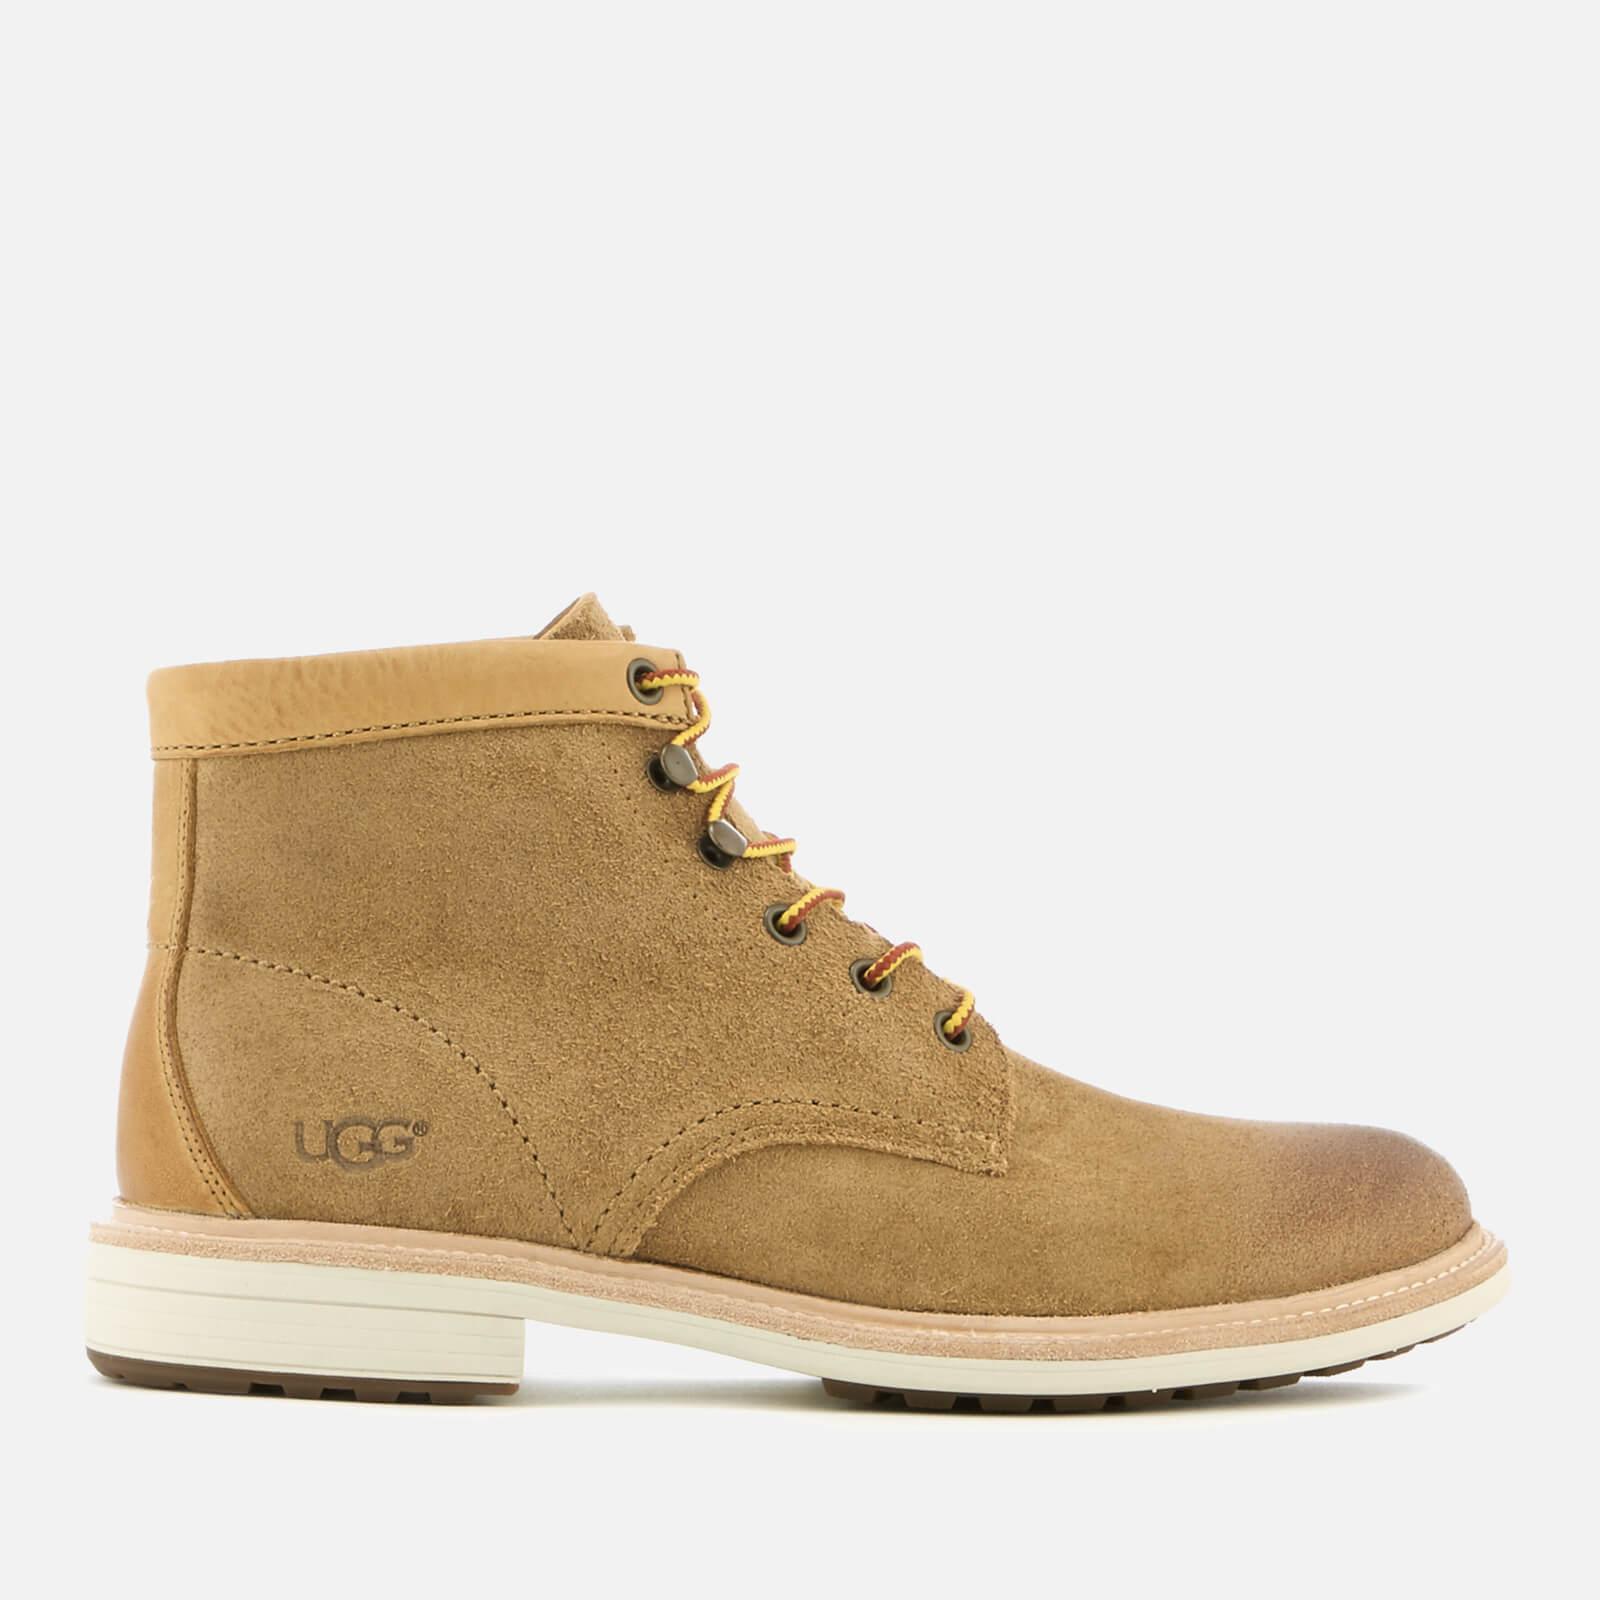 c3f74cd802d UGG Men's Vestmar Leather Lace Up Boots - Chestnut